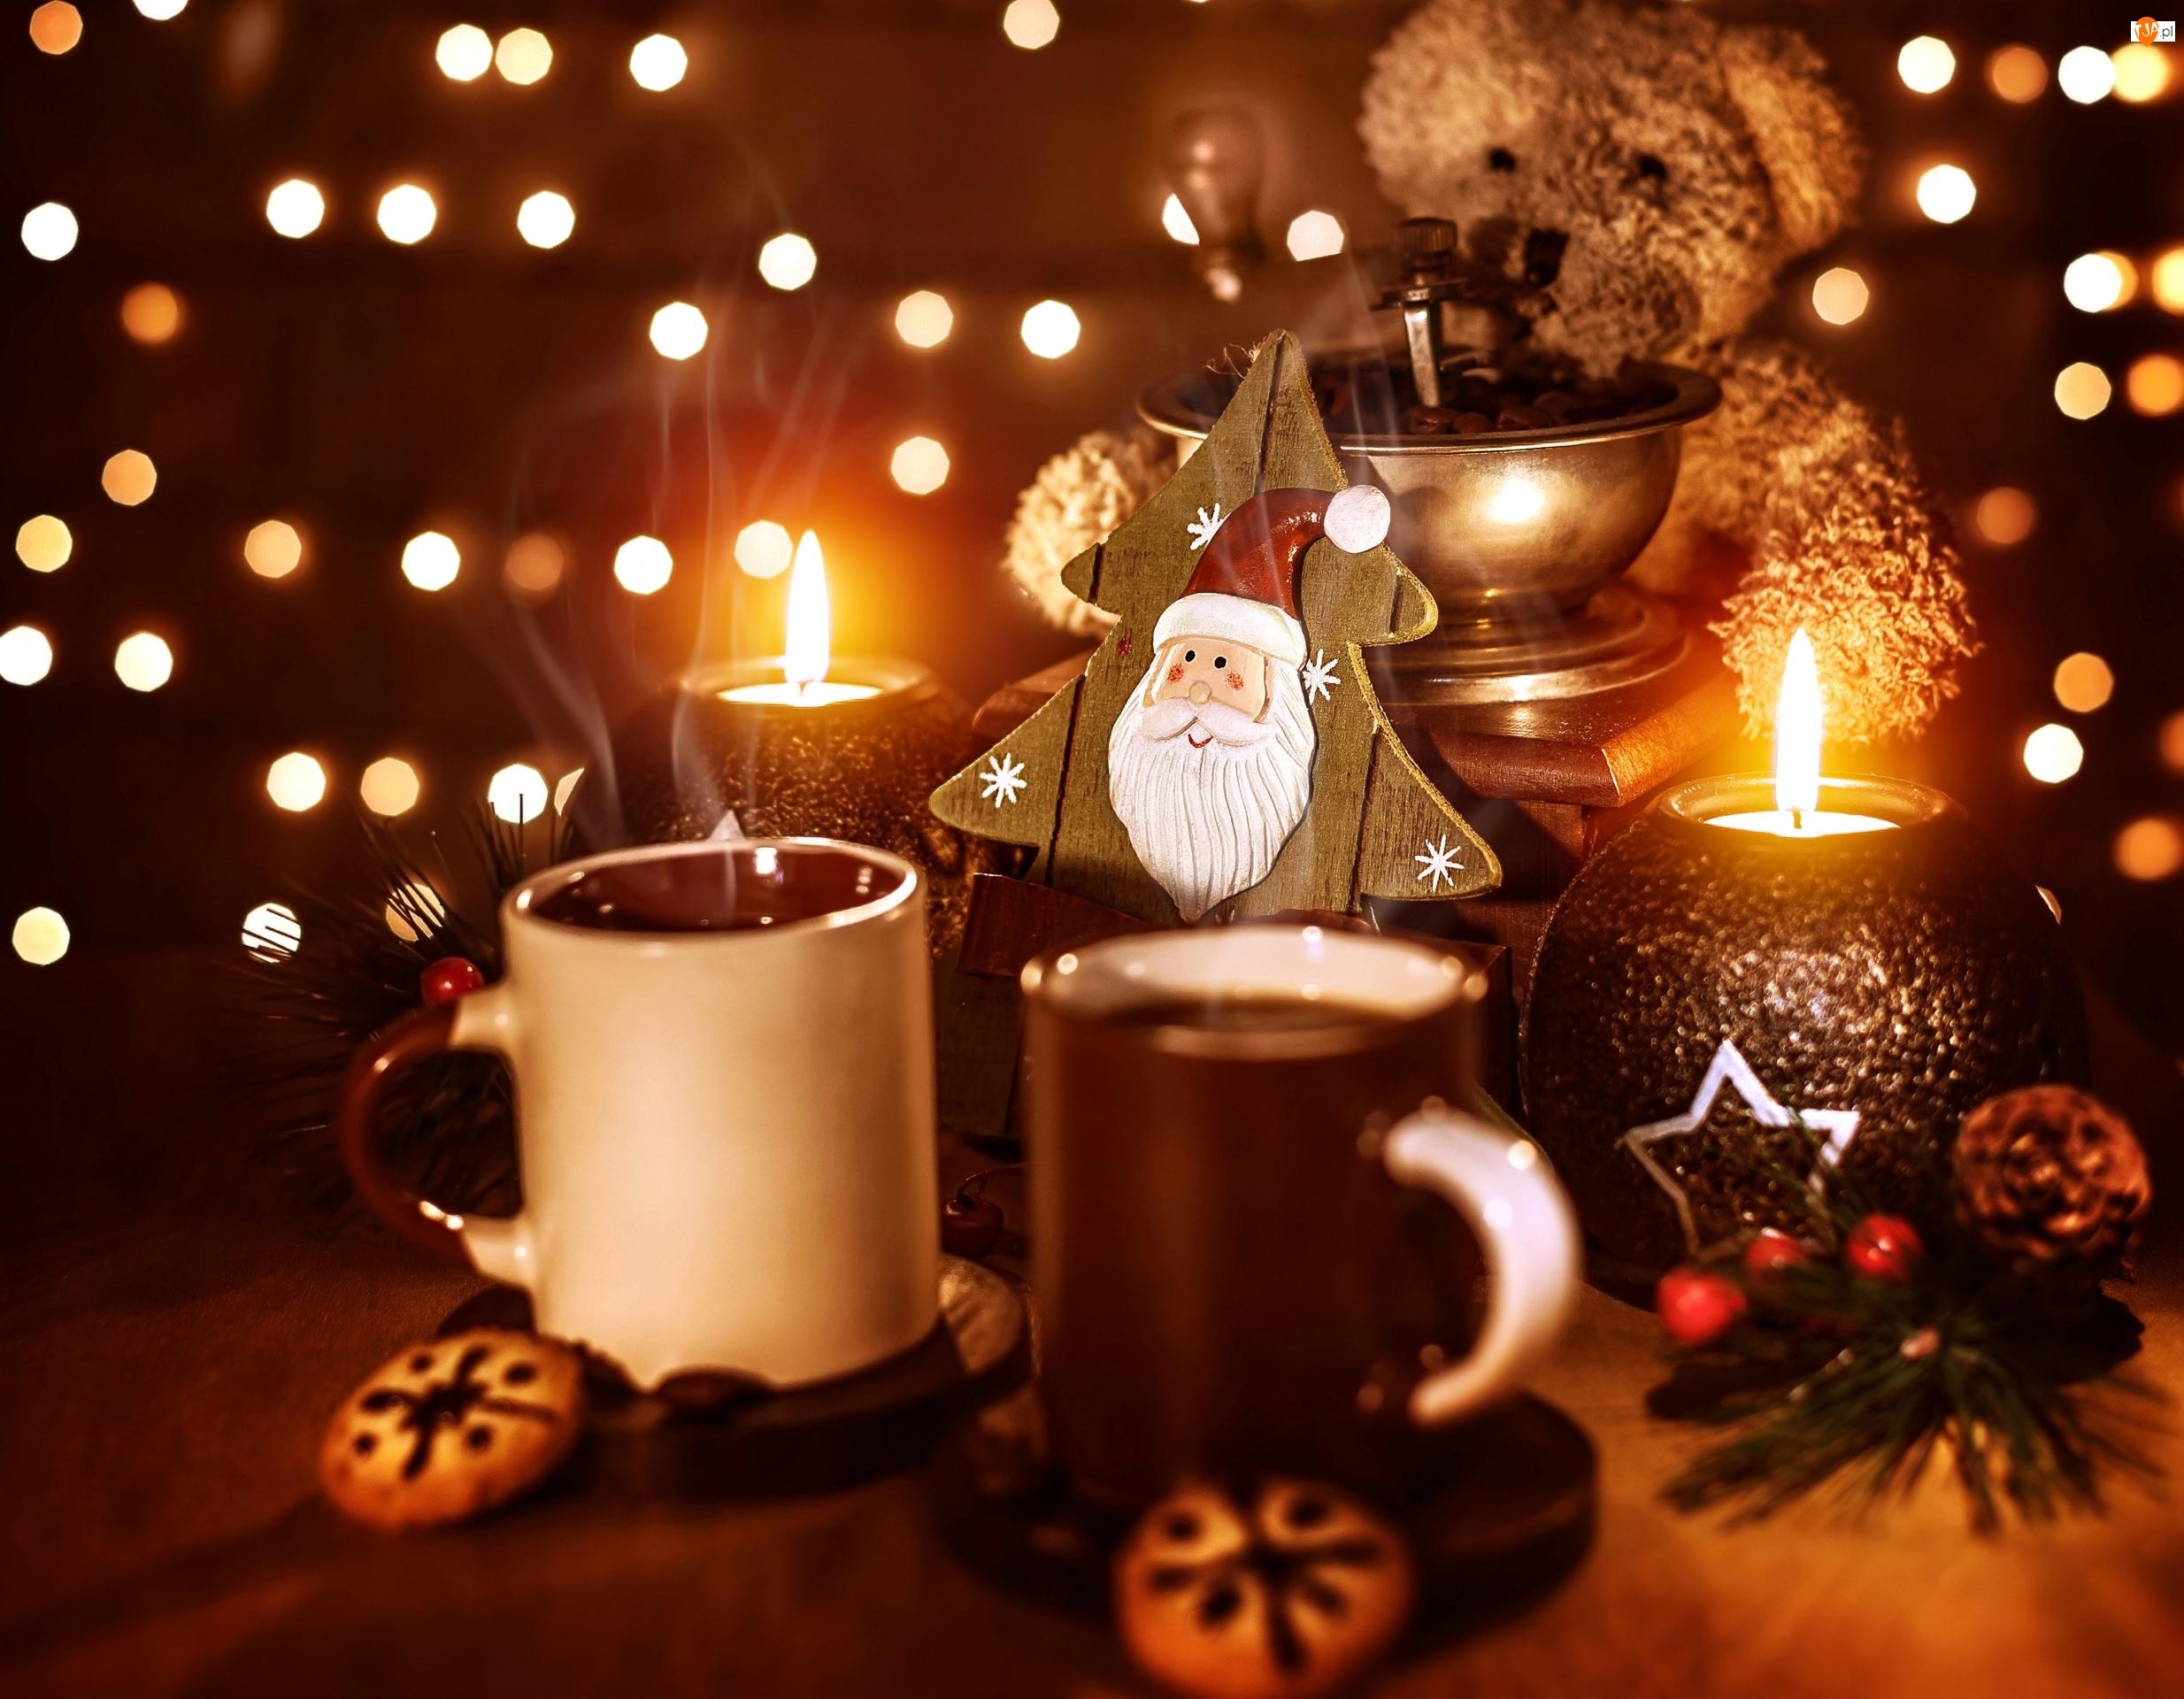 Mikołaj, Świąteczna, Dekoracja, Kawa, Świece